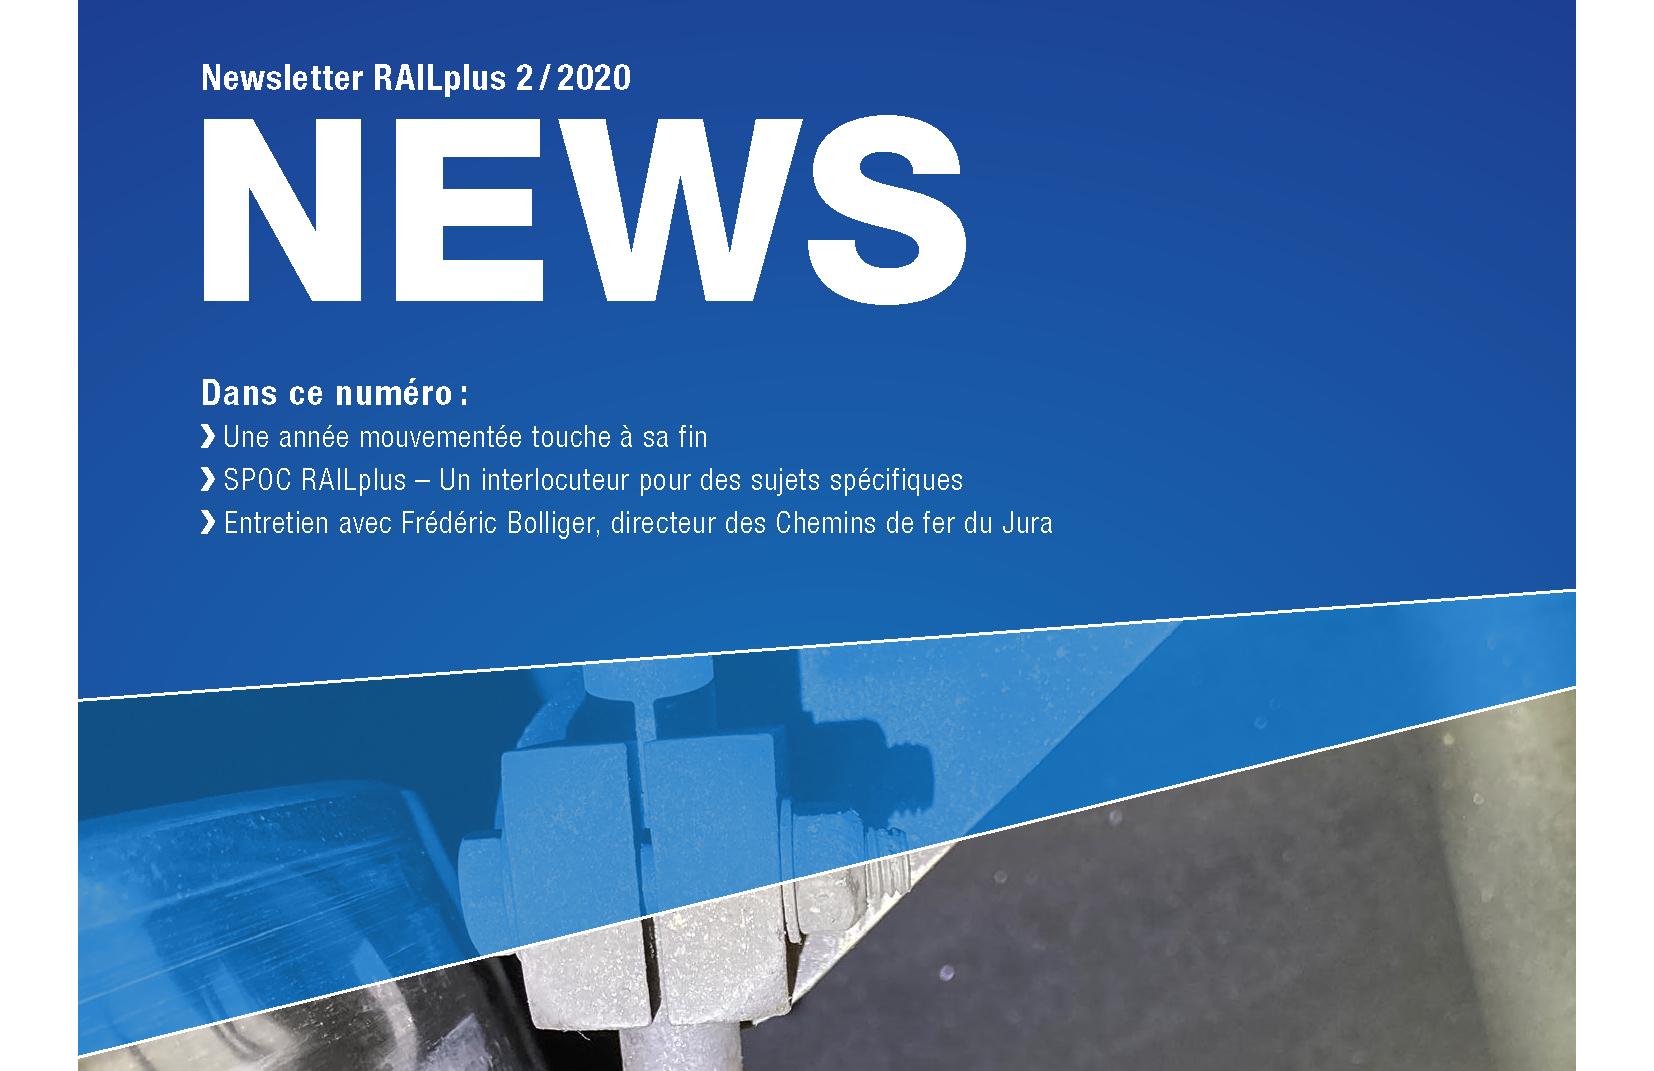 0008.0120009_RailPlus_Flyer_Newsletter_210x297_F_WEB_ES_Seite_1